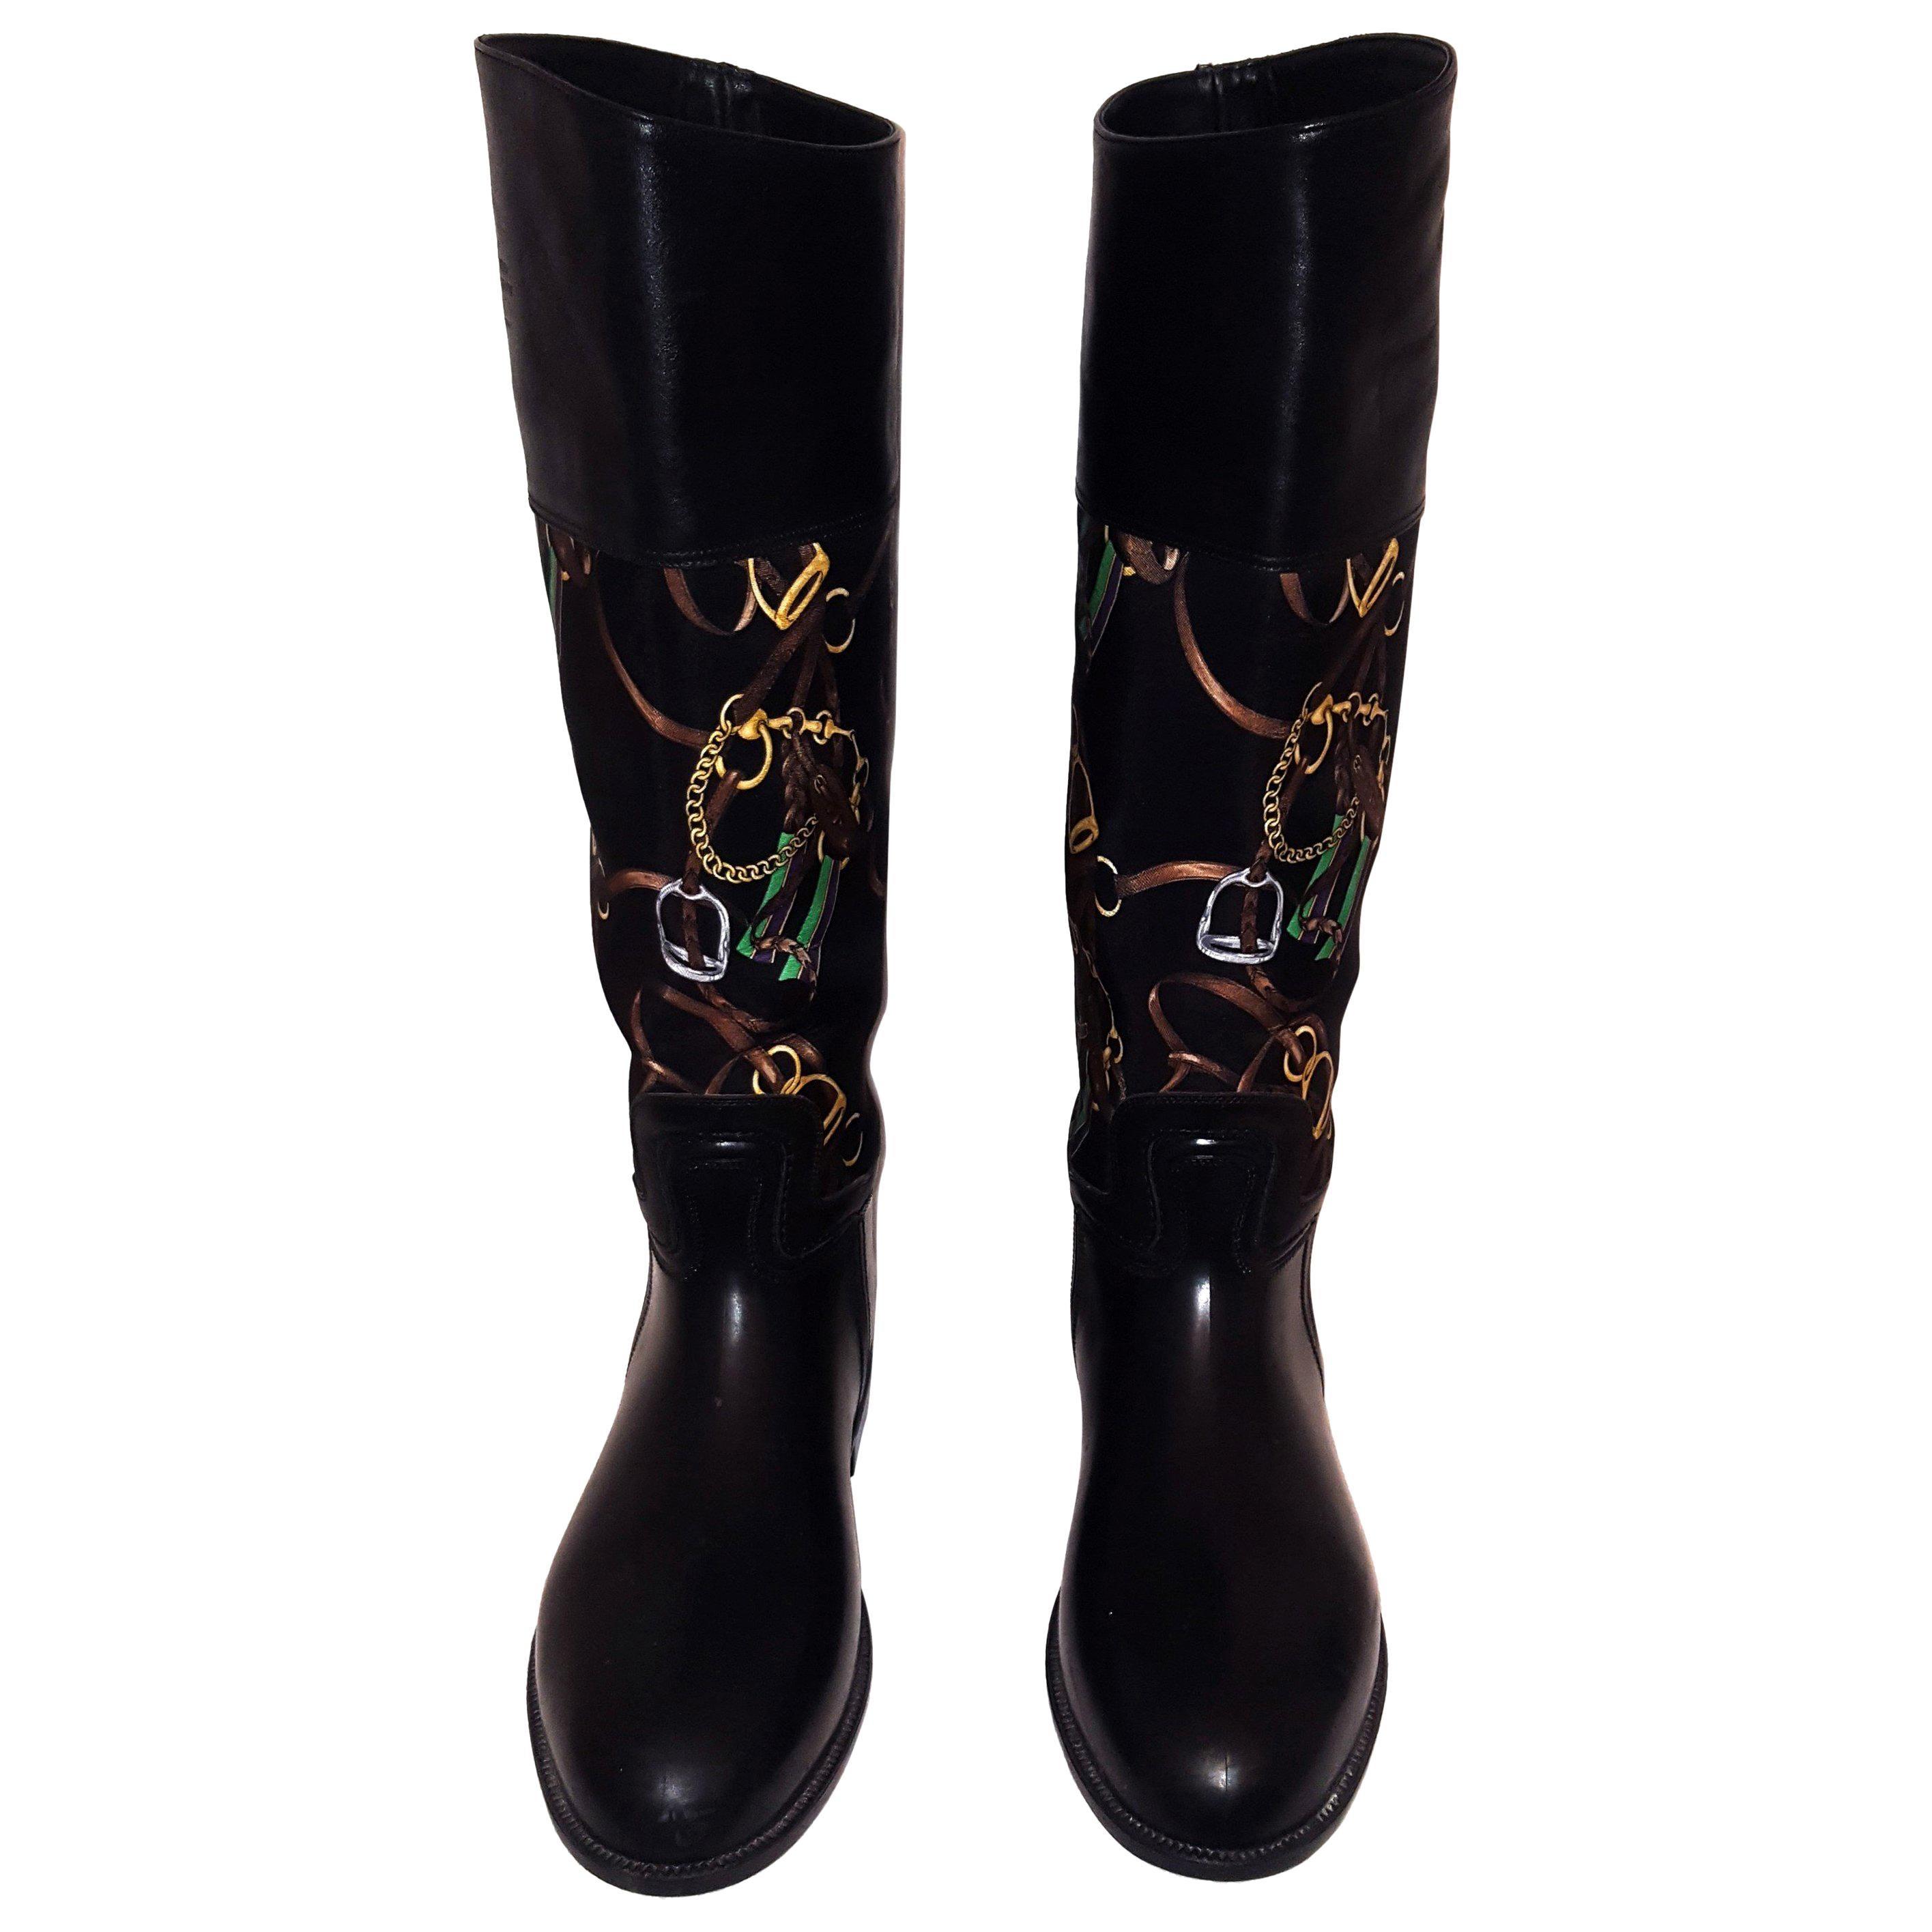 b47b29fbc719 Vintage Boots - 283 For Sale on 1stdibs